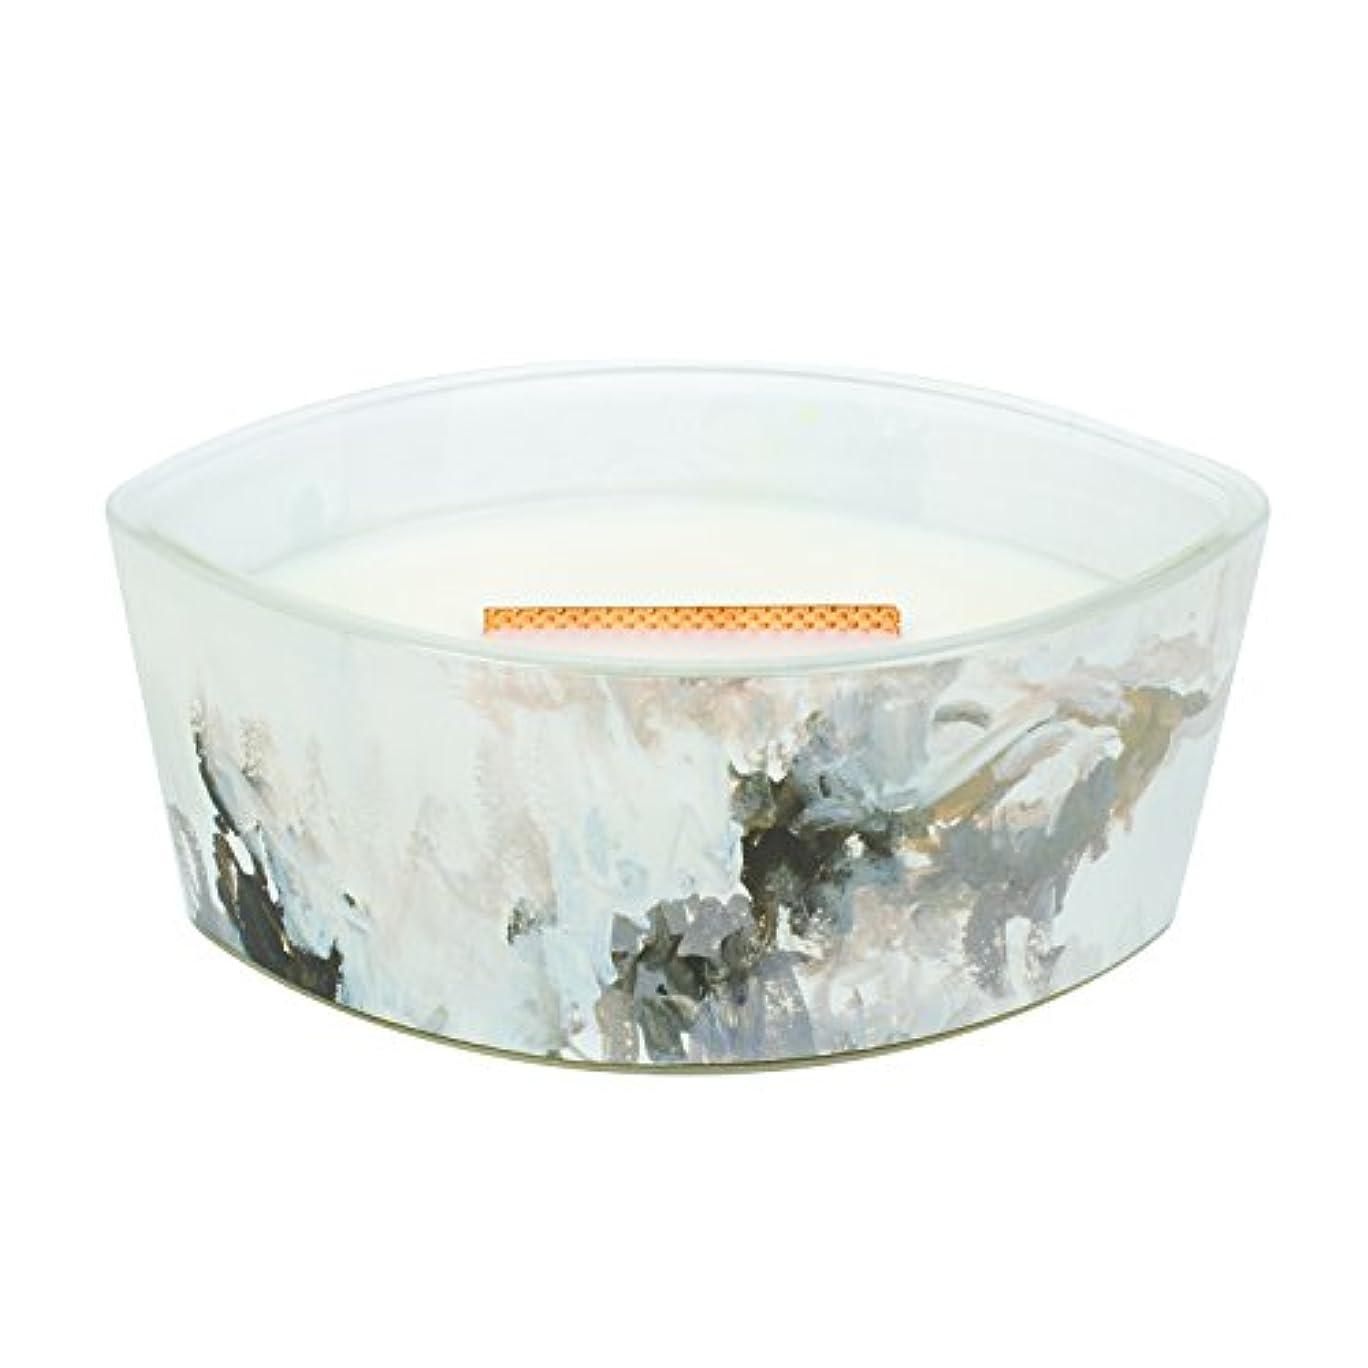 面積層嫌がらせHoney Tabac – アーティザンコレクション楕円WoodWick香りつきJar Candle